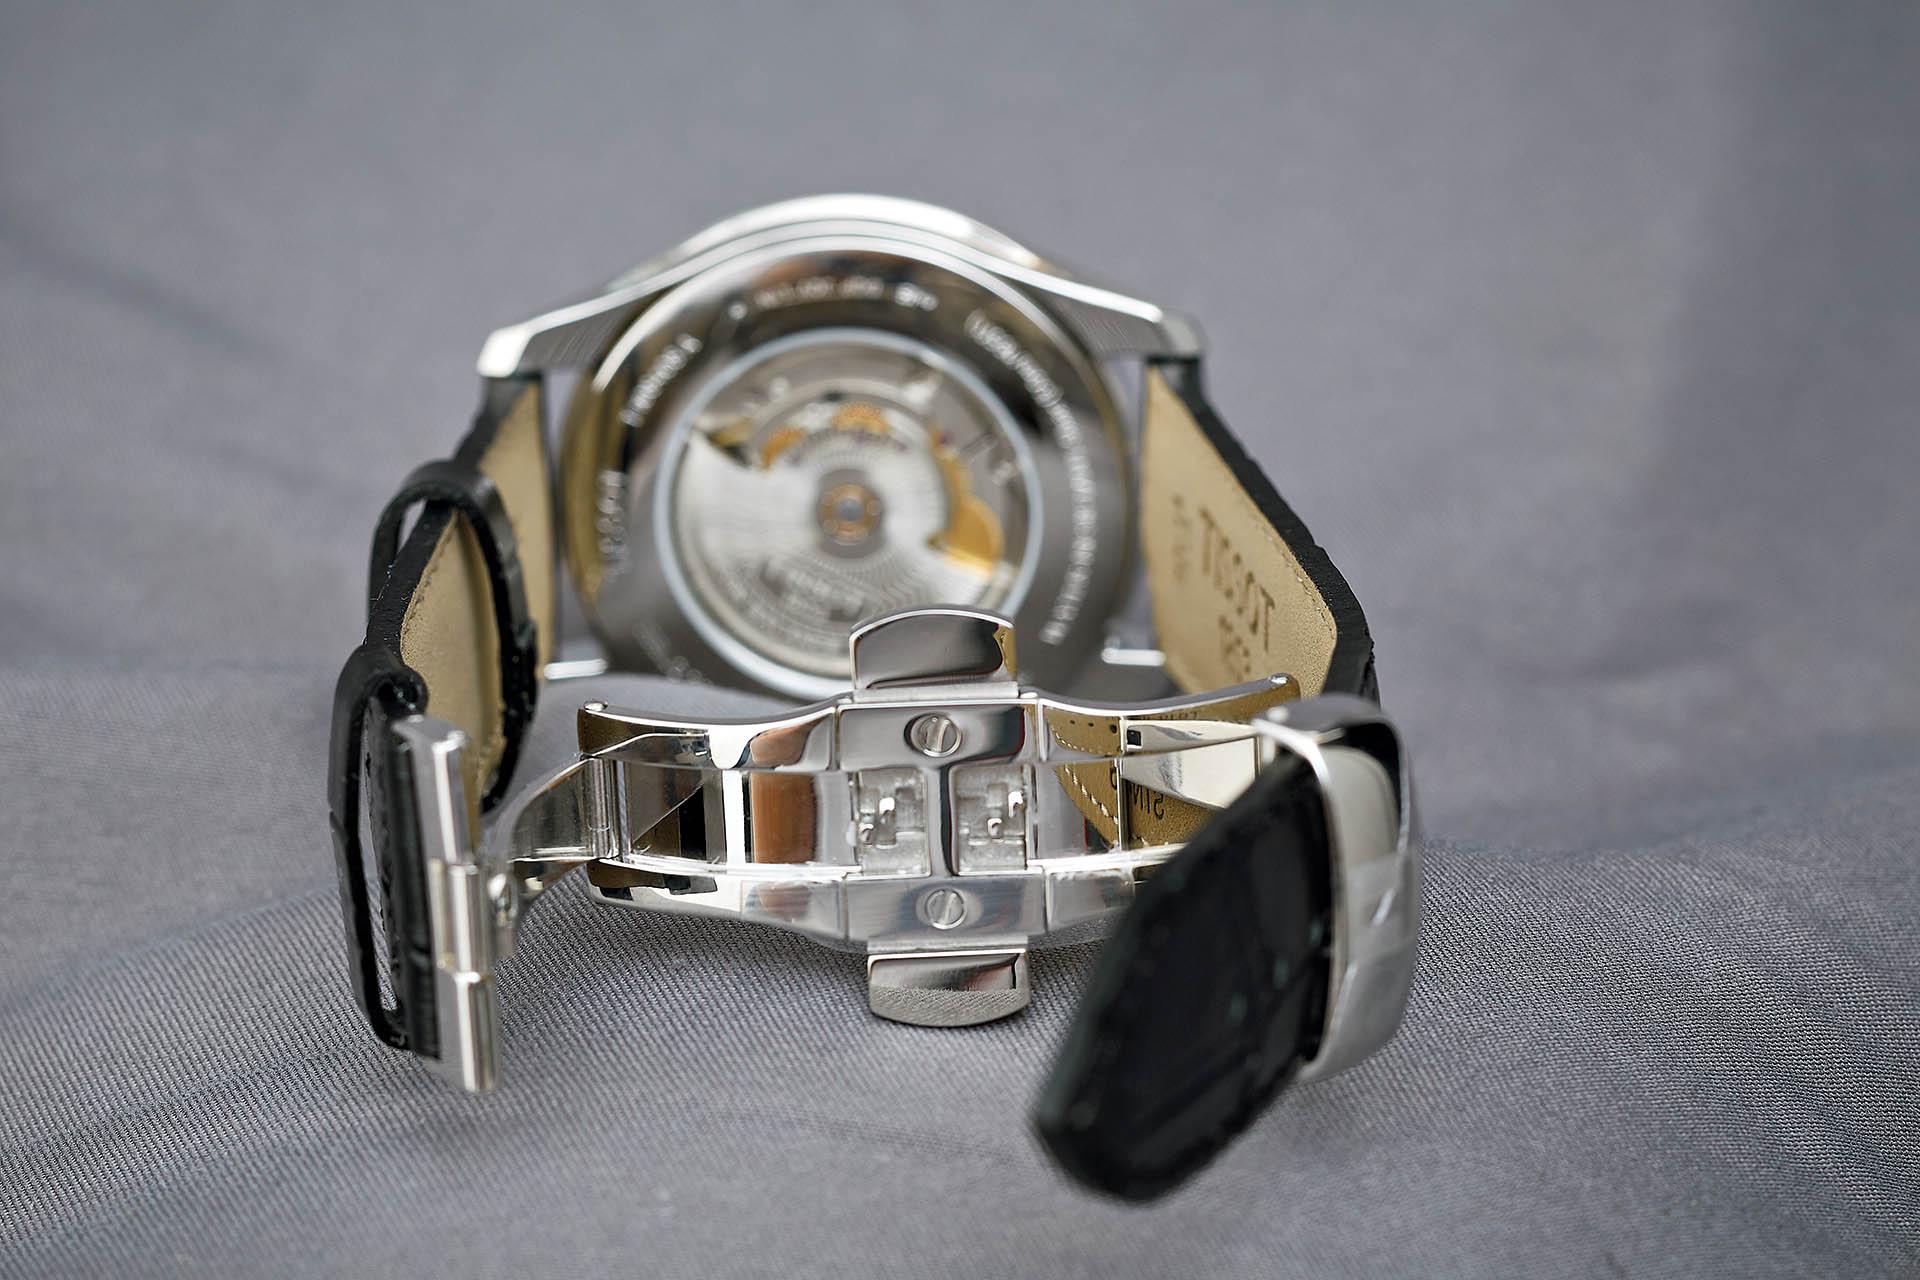 Tissot Ballade COSC Silizium Bandschließe, Uhr